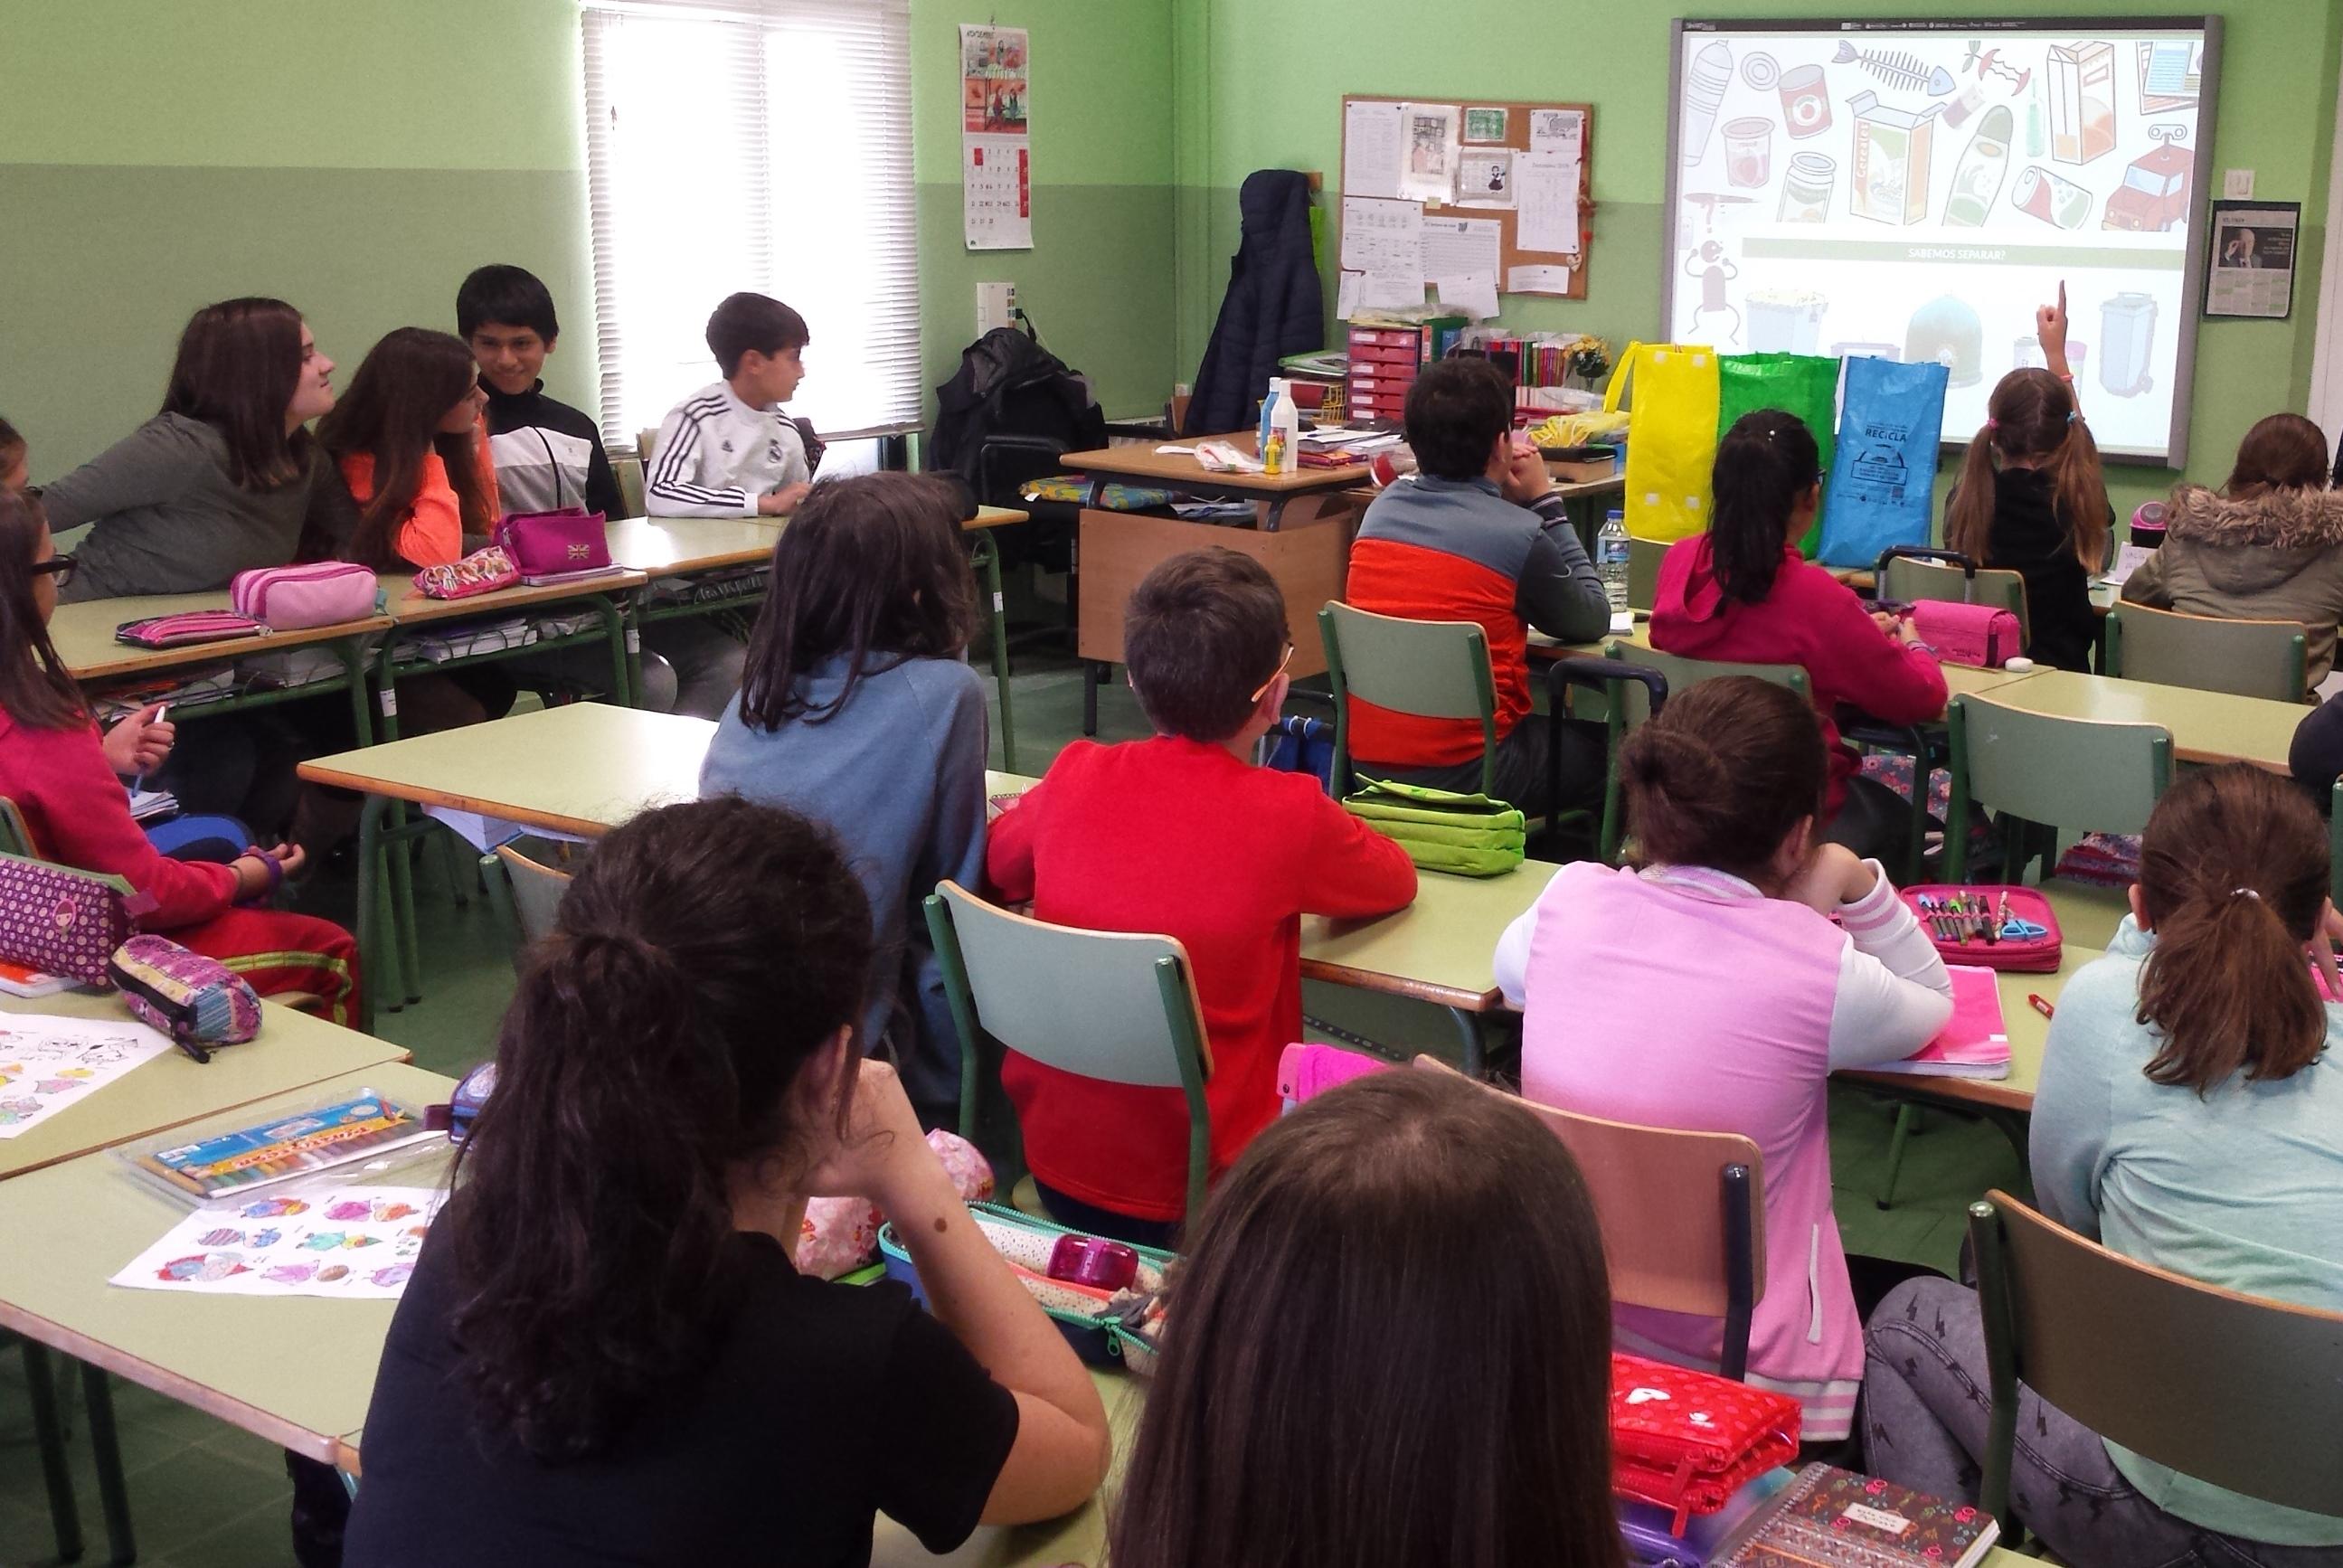 Escolares gallegos recibir n clases de reciclaje for Carteleras escolares de reciclaje